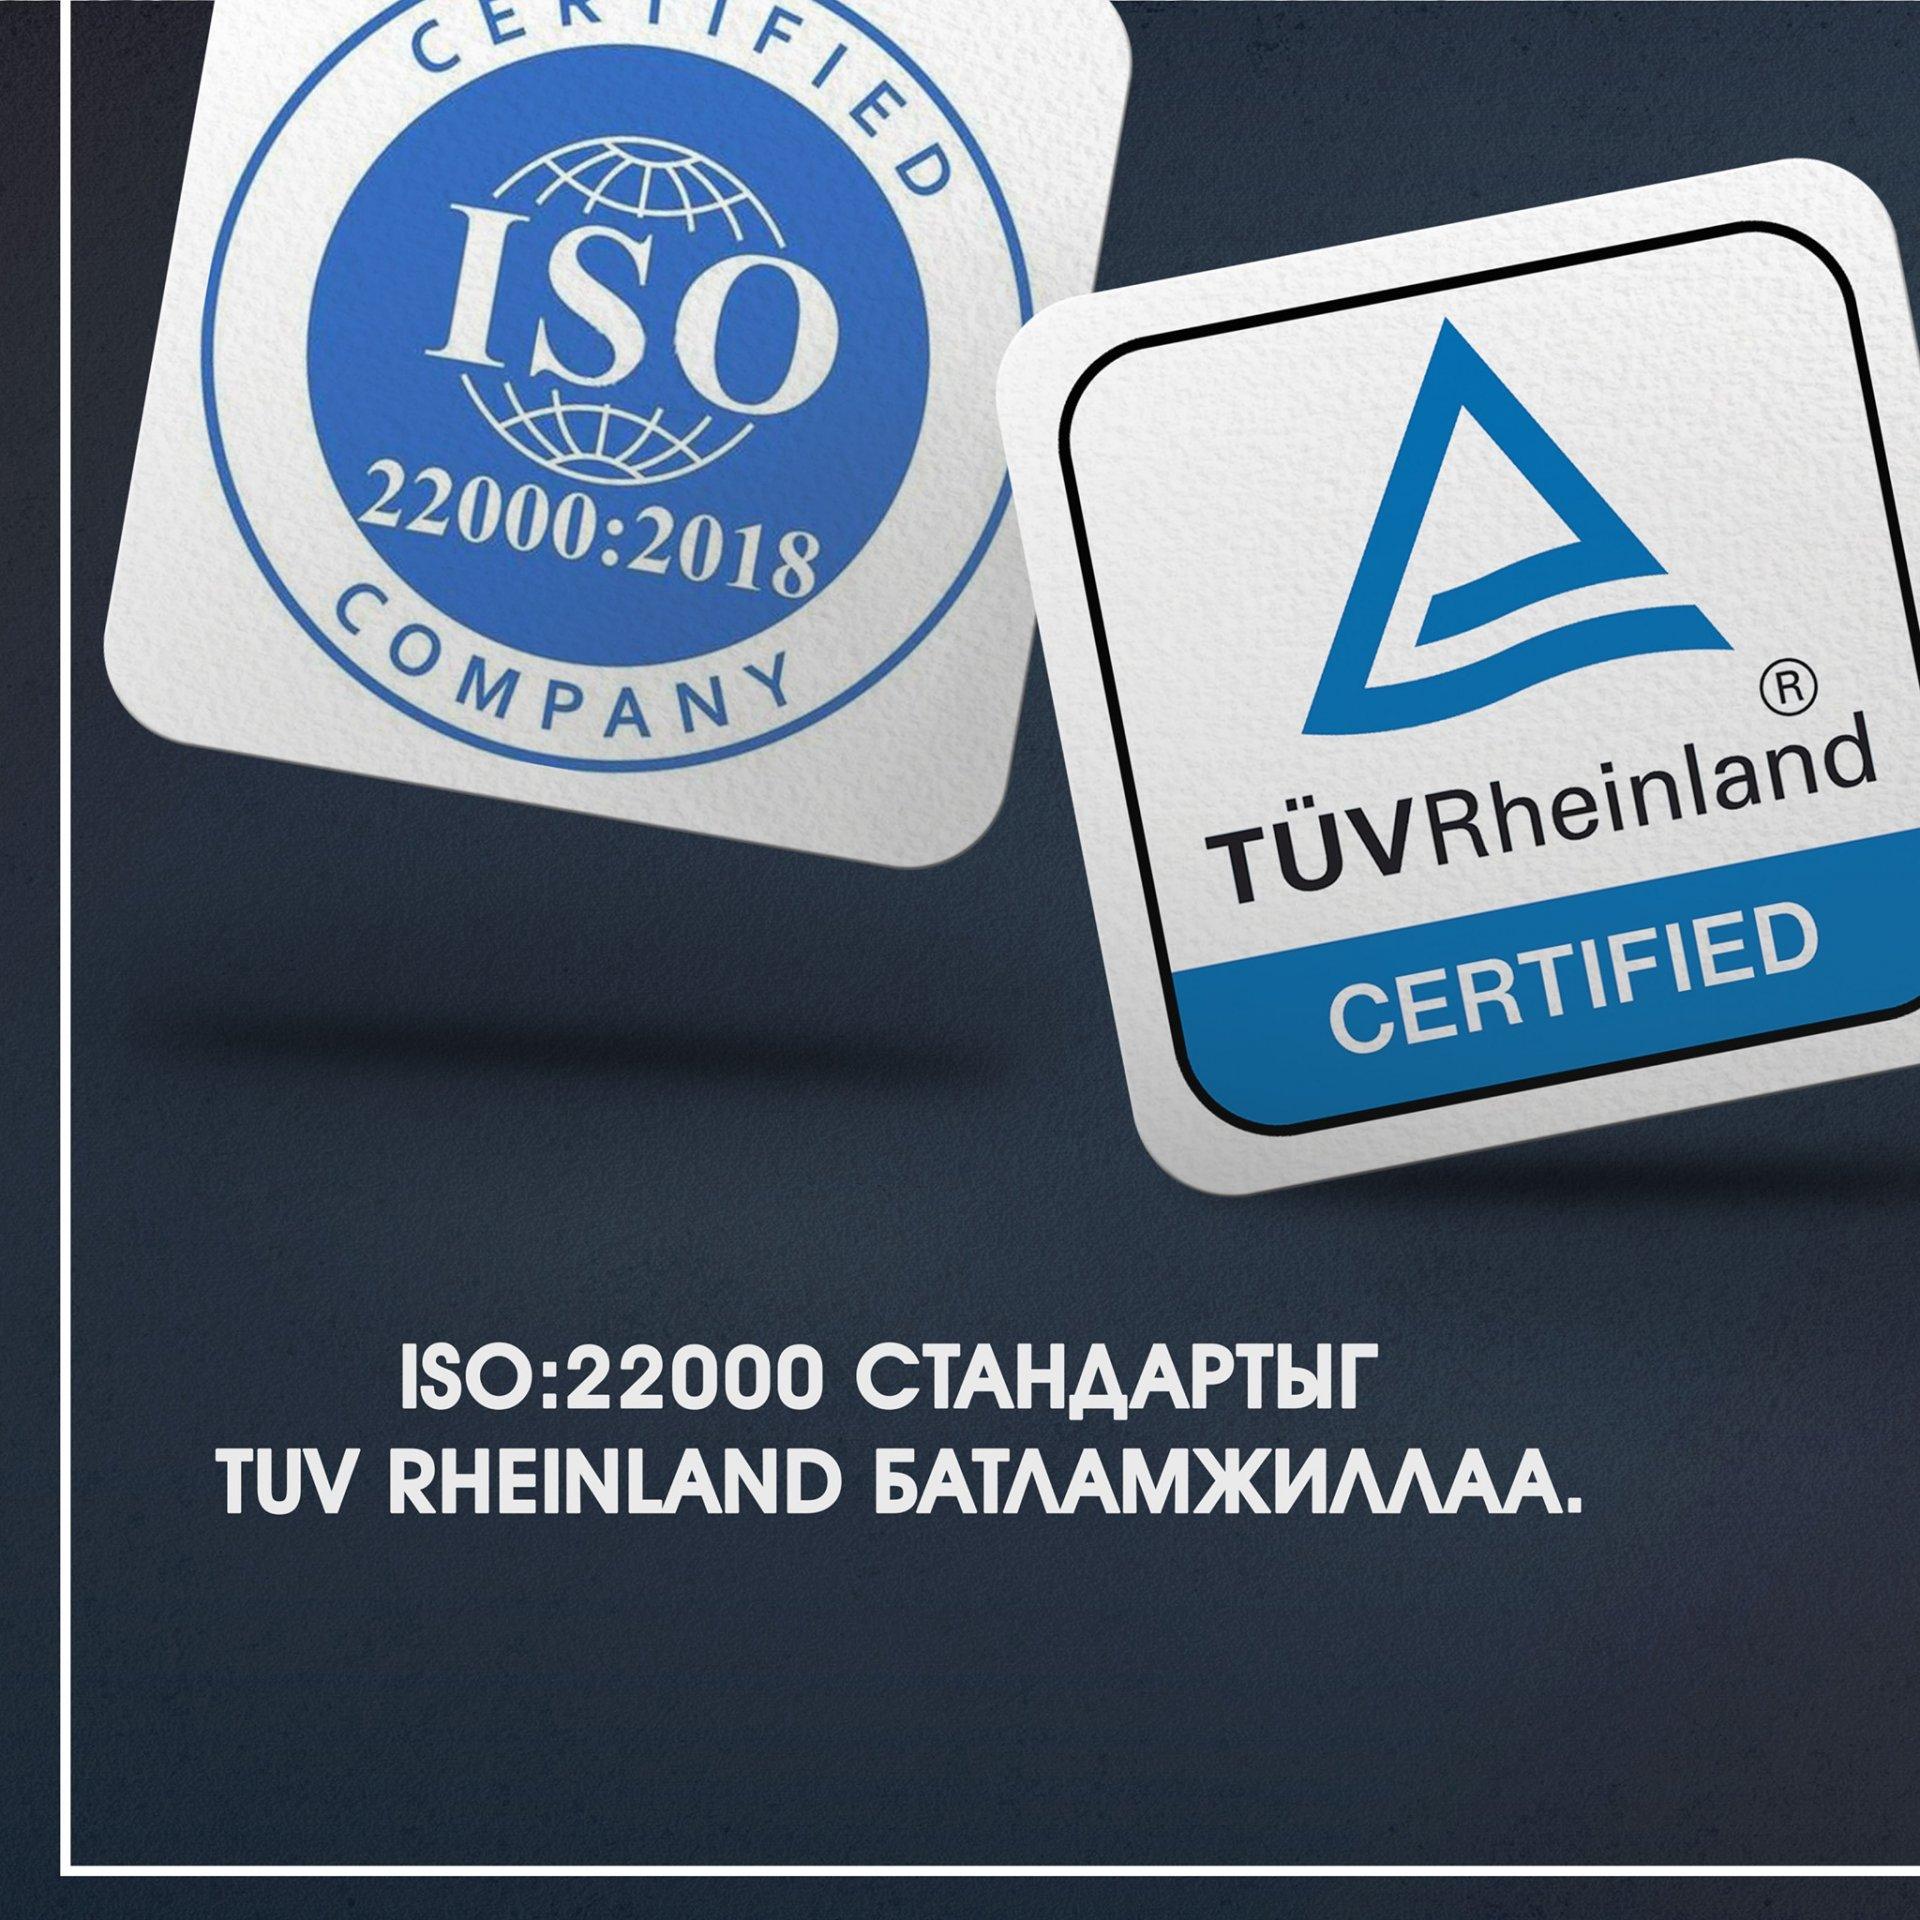 ISO22000:2018 Стандартыг TUV Rheinland баталгаажууллаа.